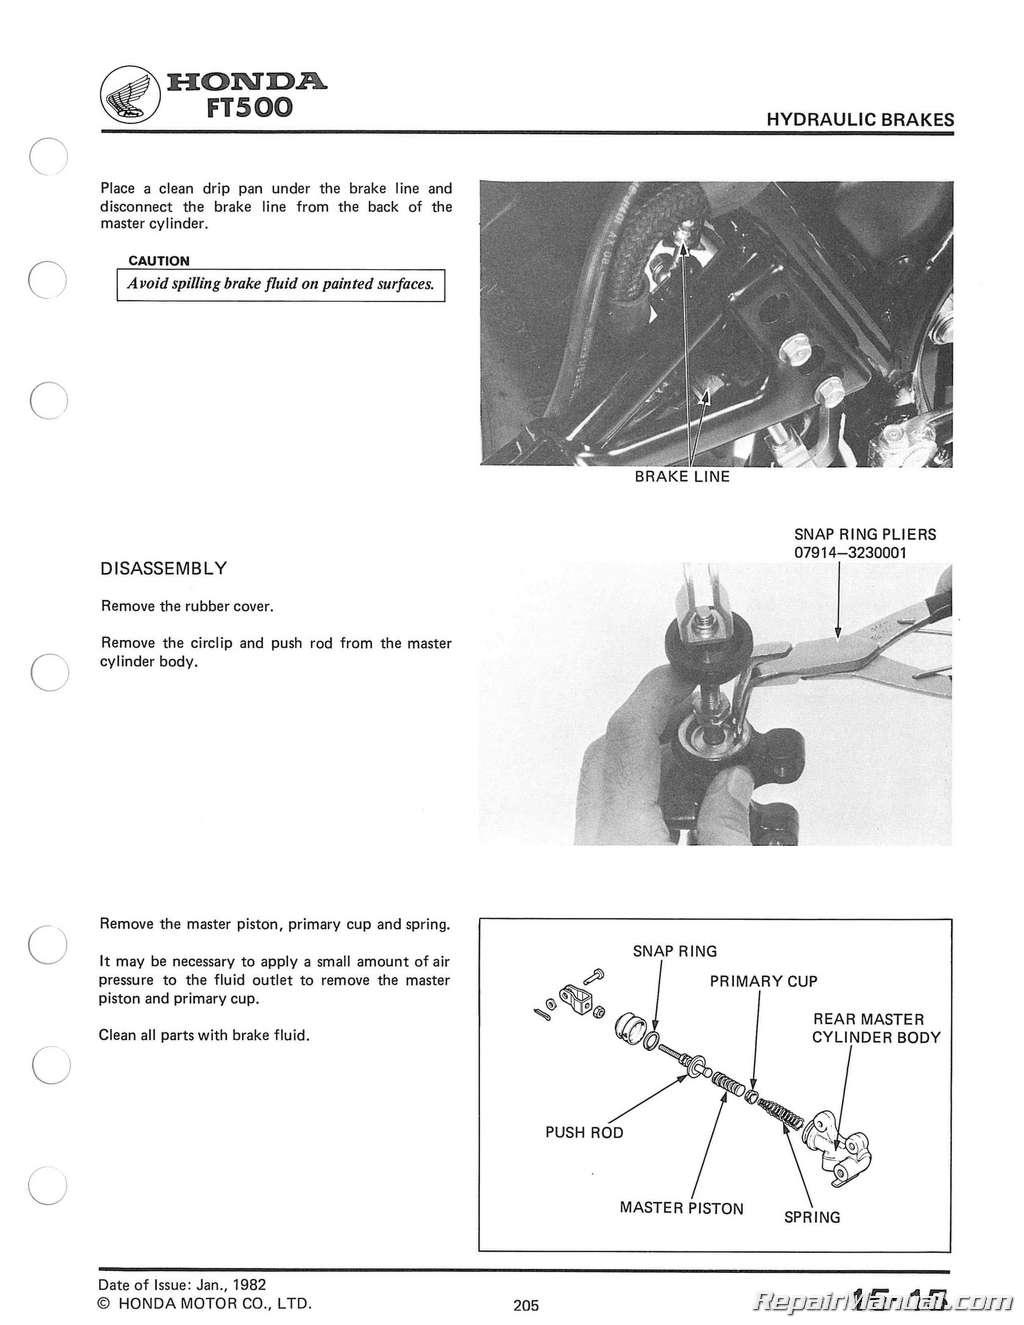 [SCHEMATICS_48EU]  ME_9374] Ft 500 Wiring Diagram Schematic Wiring | Honda Ascot Ft500 Wiring Diagram |  | Norab Alypt Gritea Mohammedshrine Librar Wiring 101